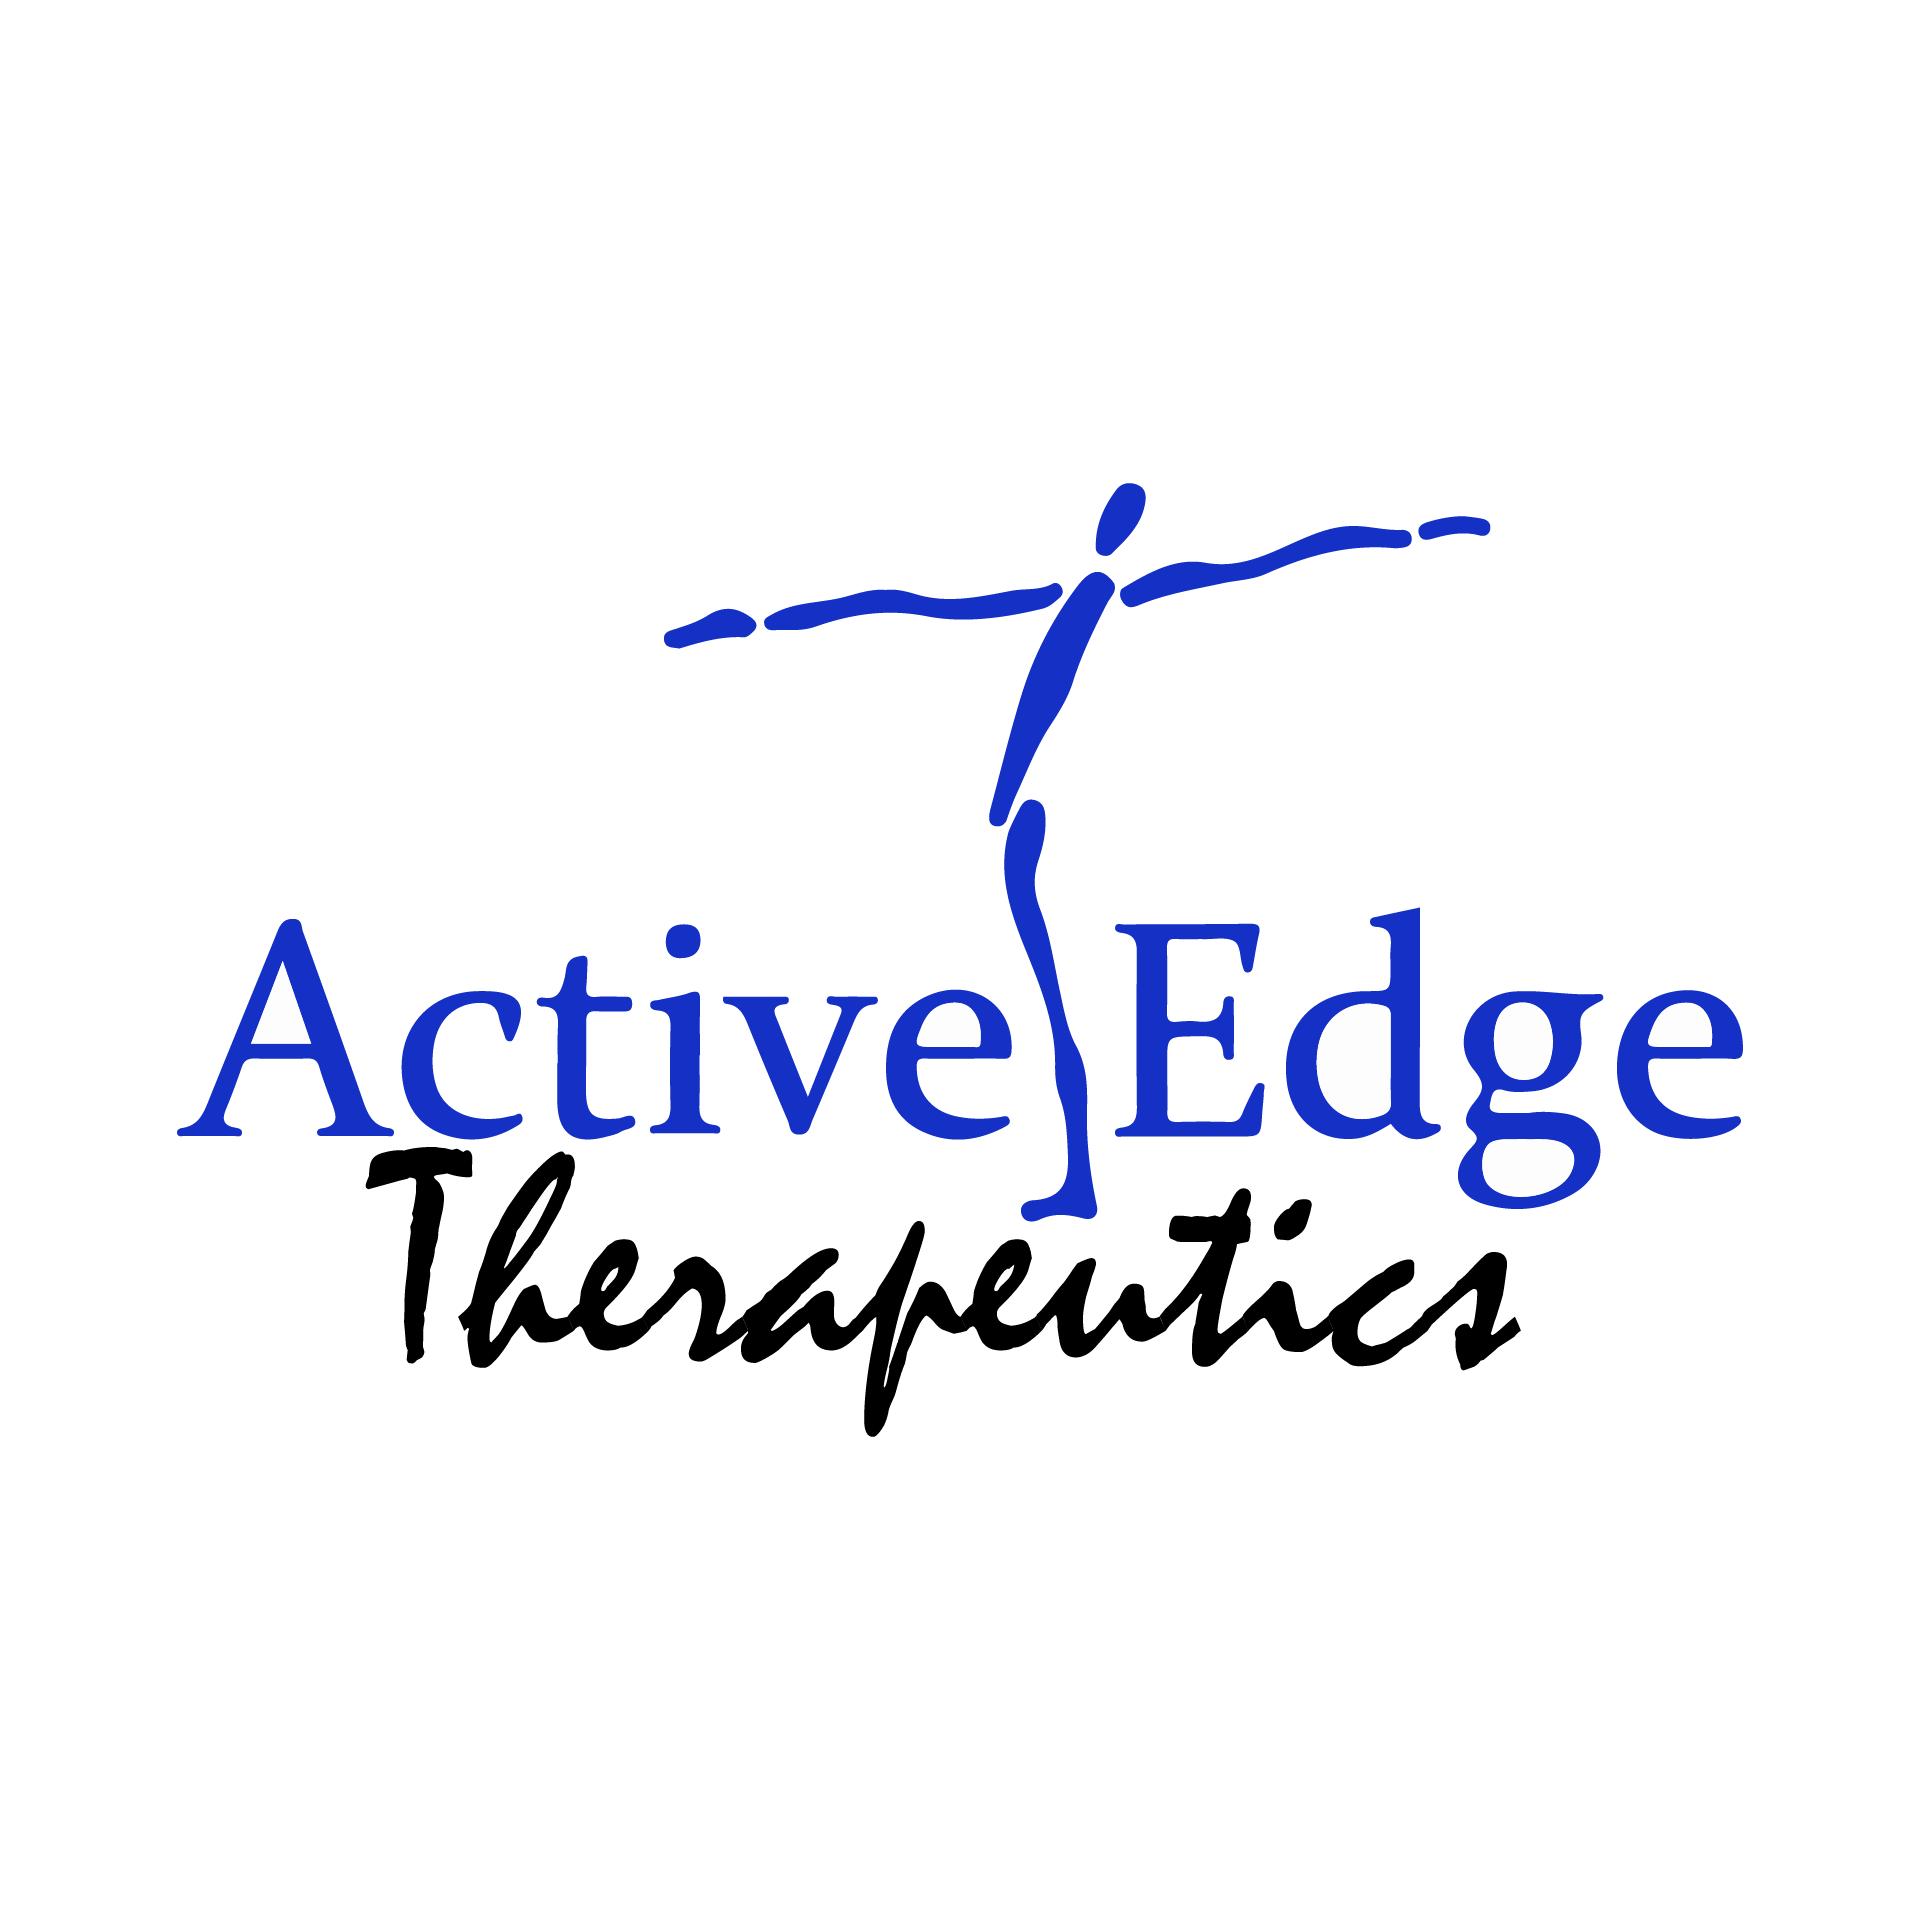 Original Logo - Active Edge Therapeutics